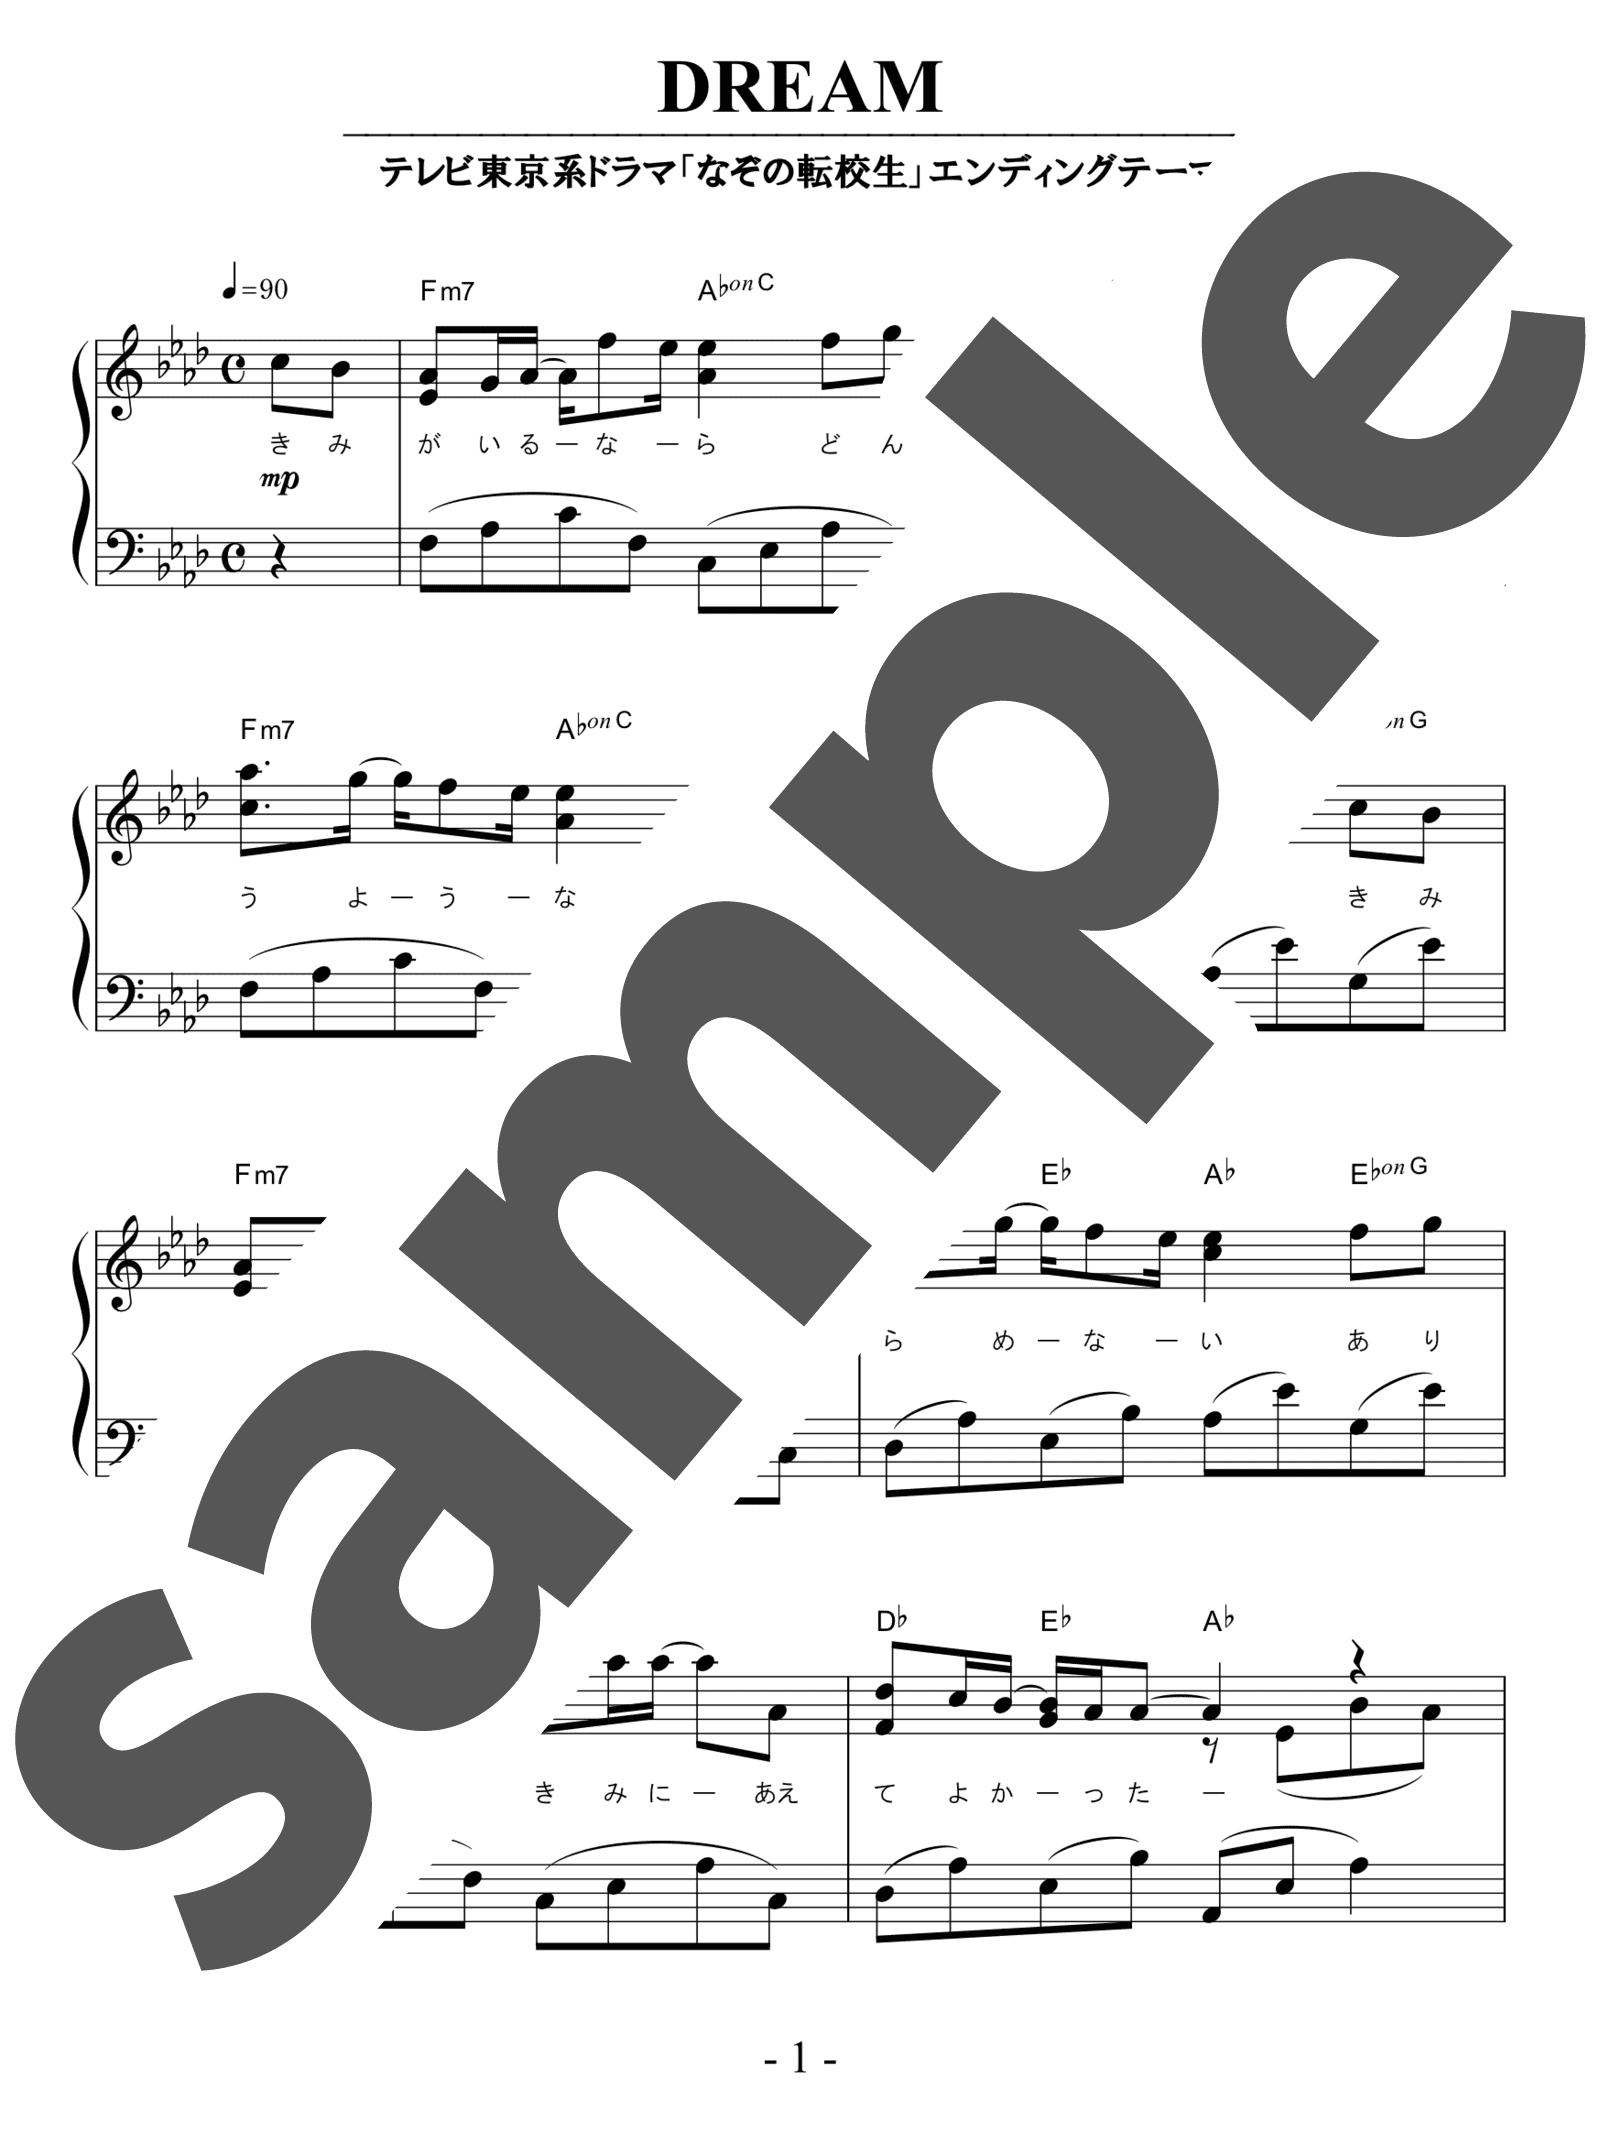 「DREAM」のサンプル楽譜